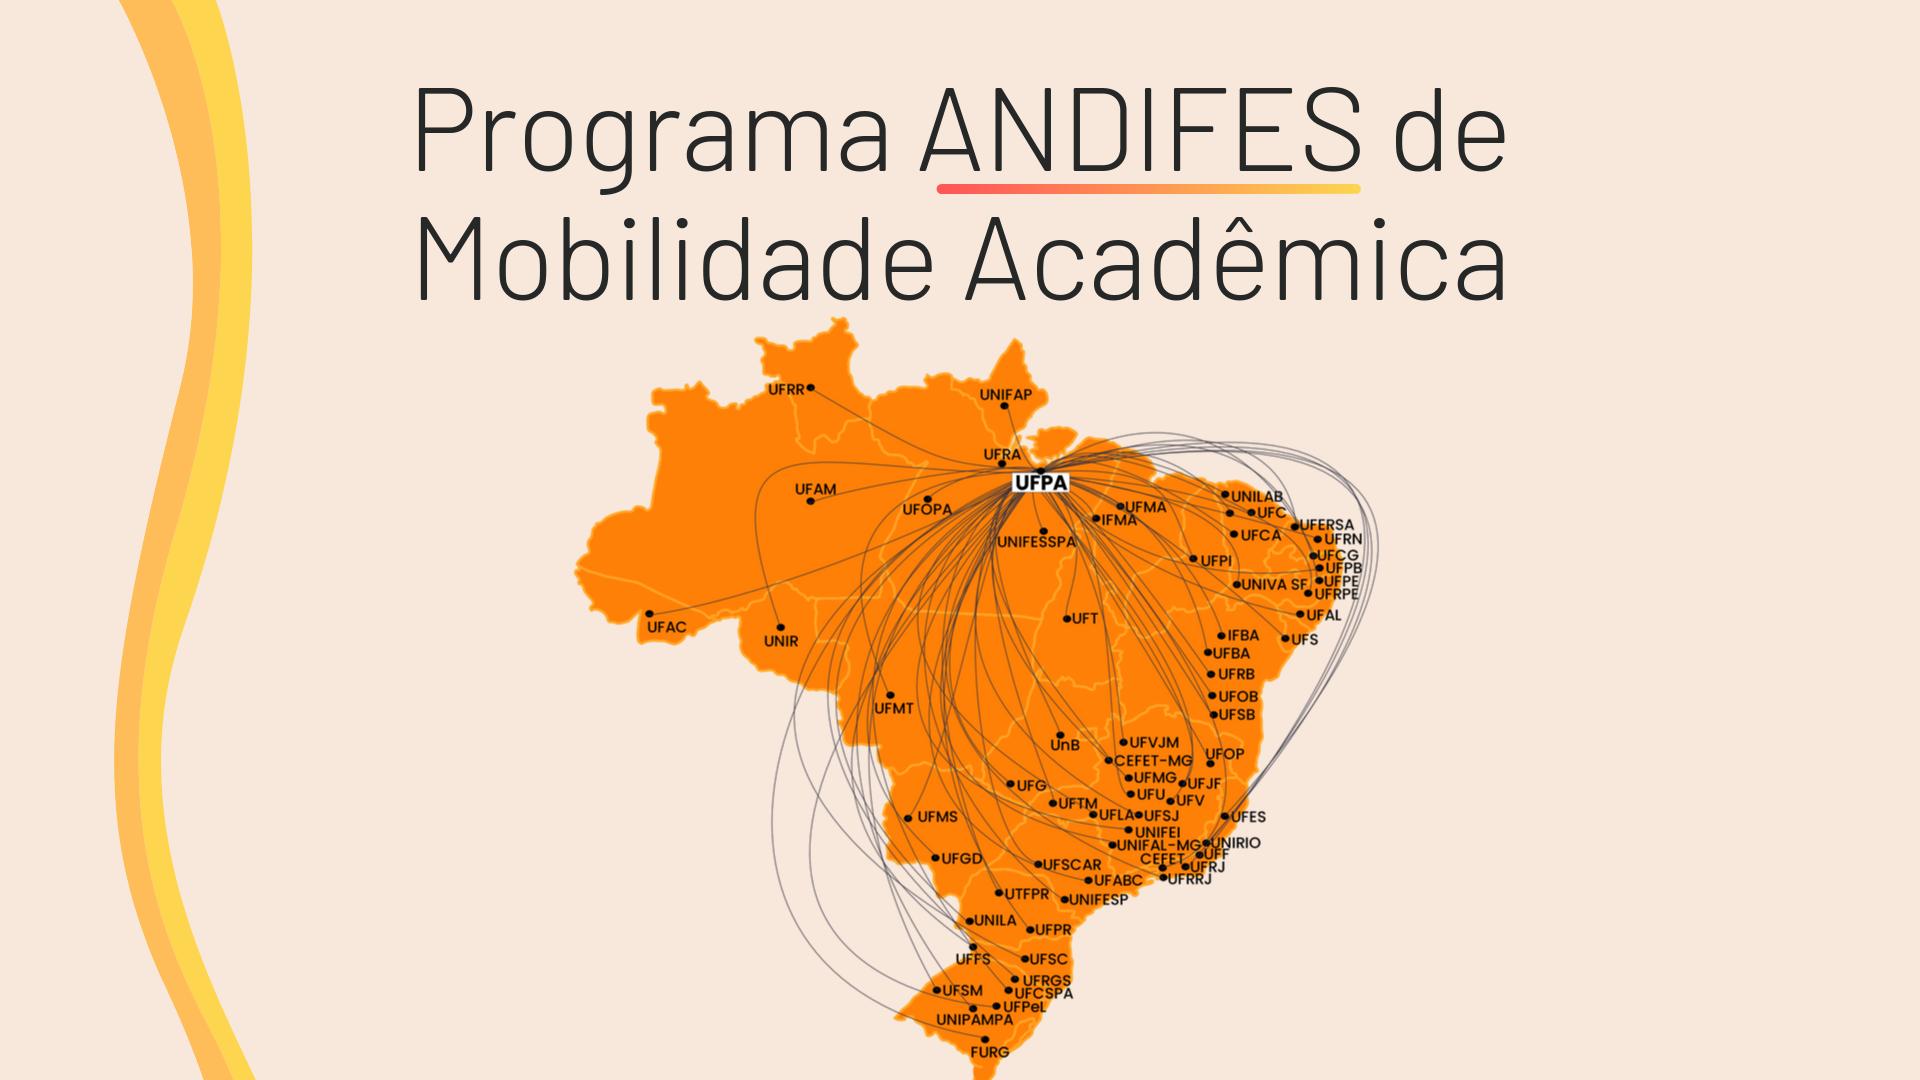 Programa ANDIFES de Mobilidade Acadêmica